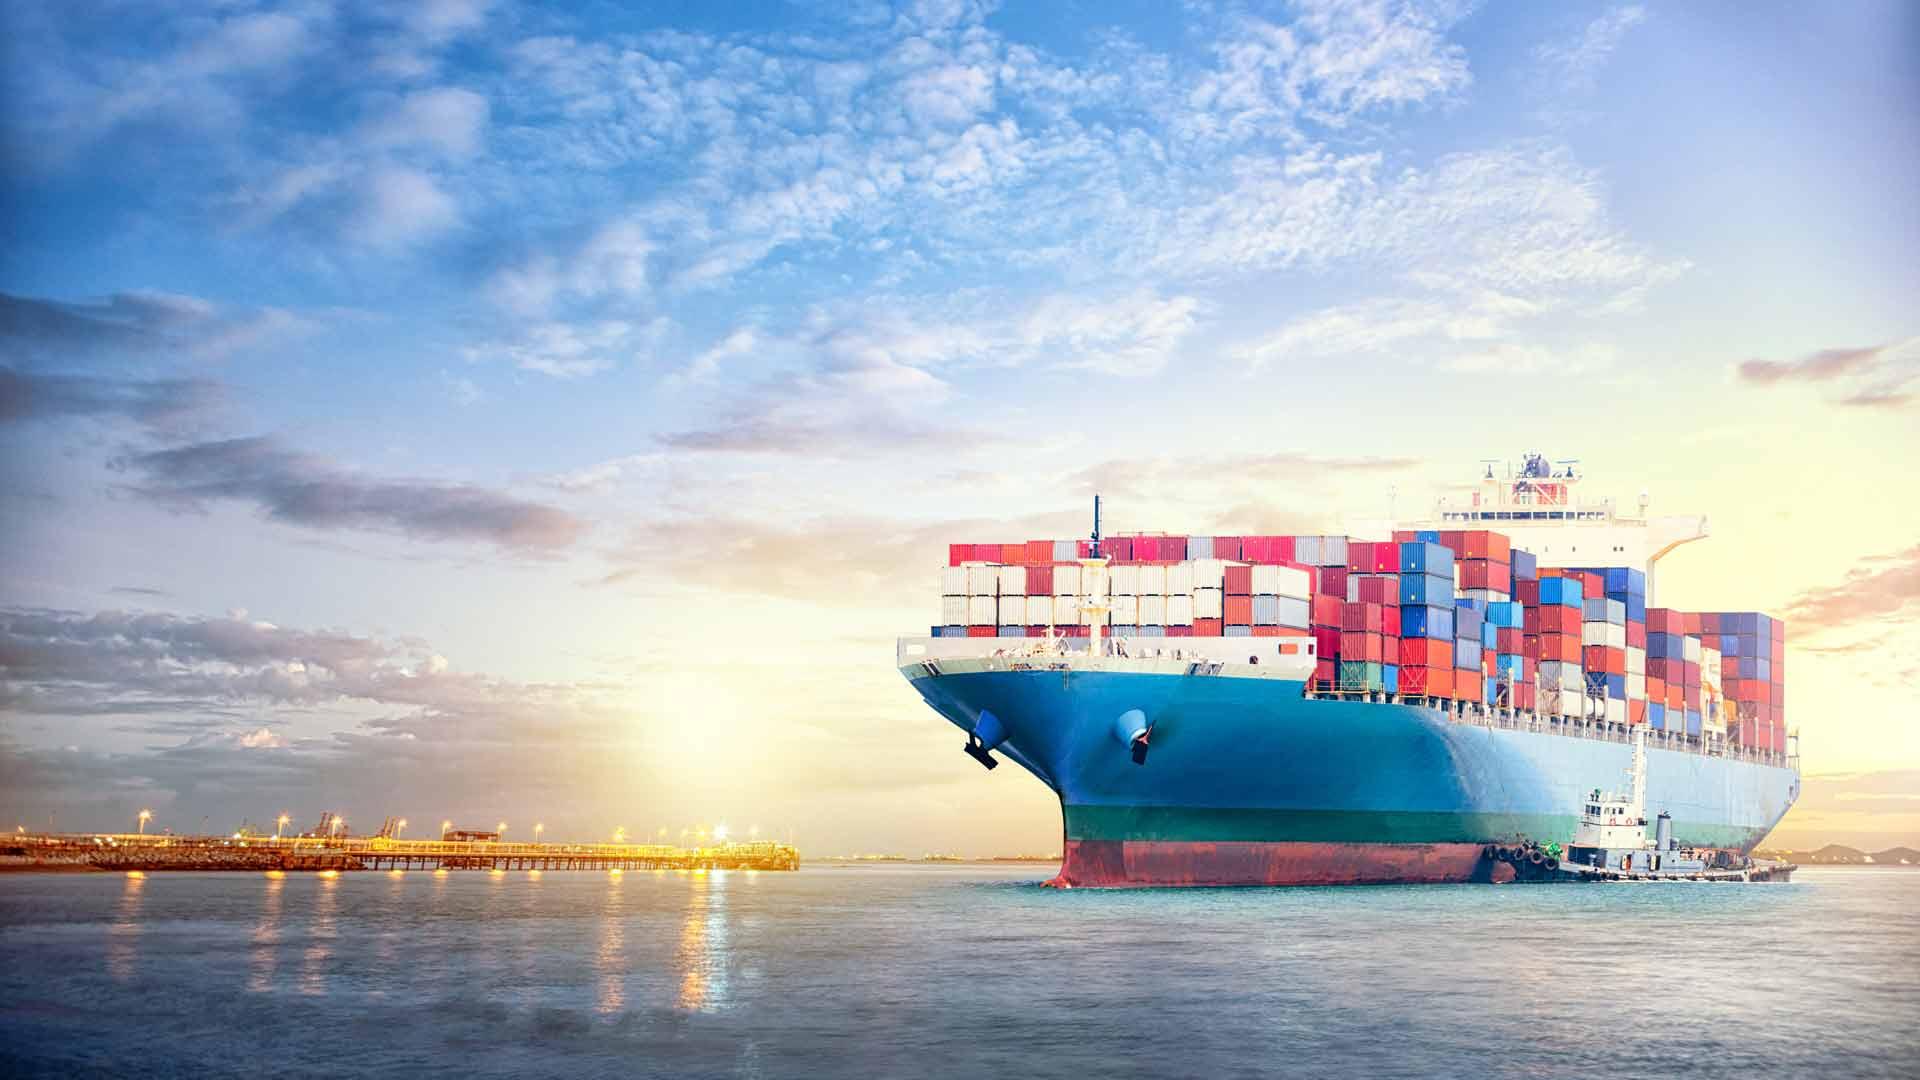 Schiffindustrie Shipyards